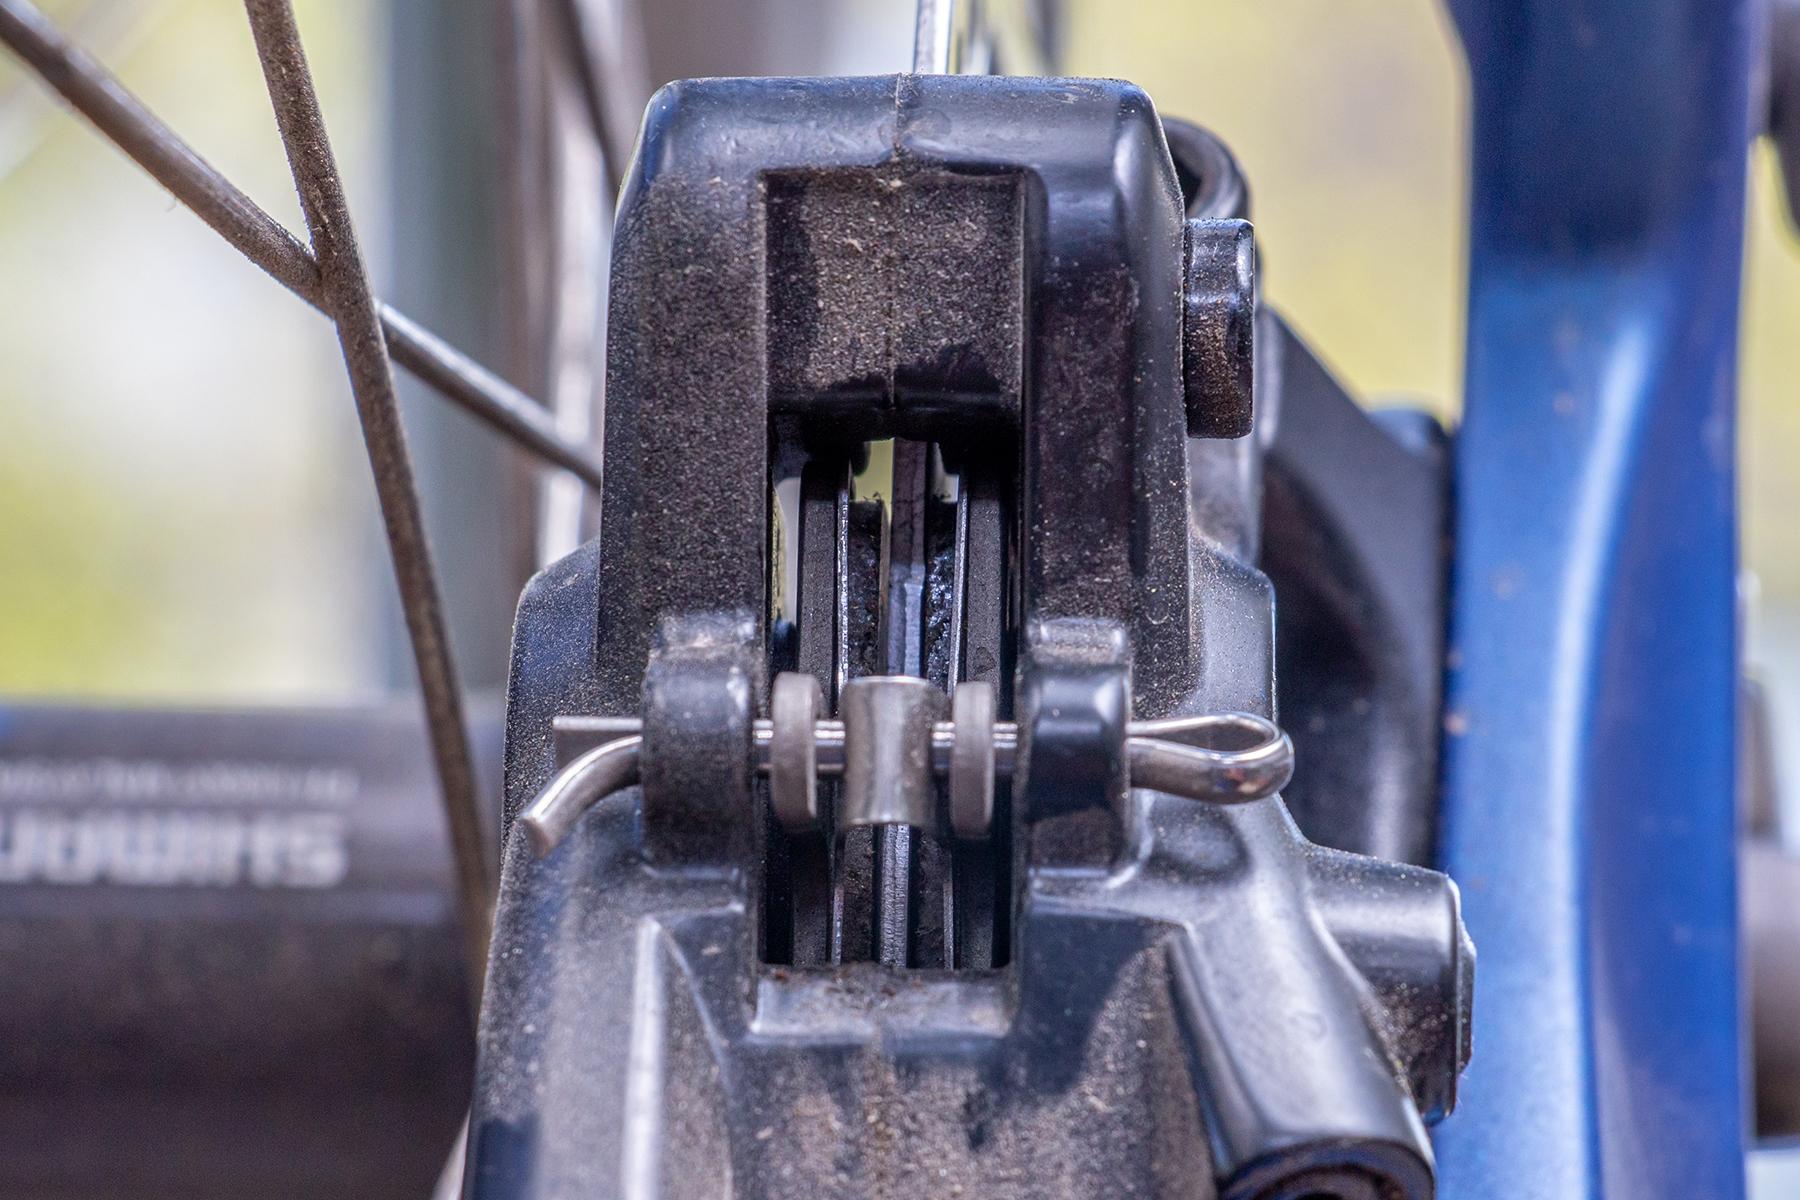 Sport Scheibe Bremse Nabe Zubehör Ersatz Teile Befestigung Fahrrad Scheibe